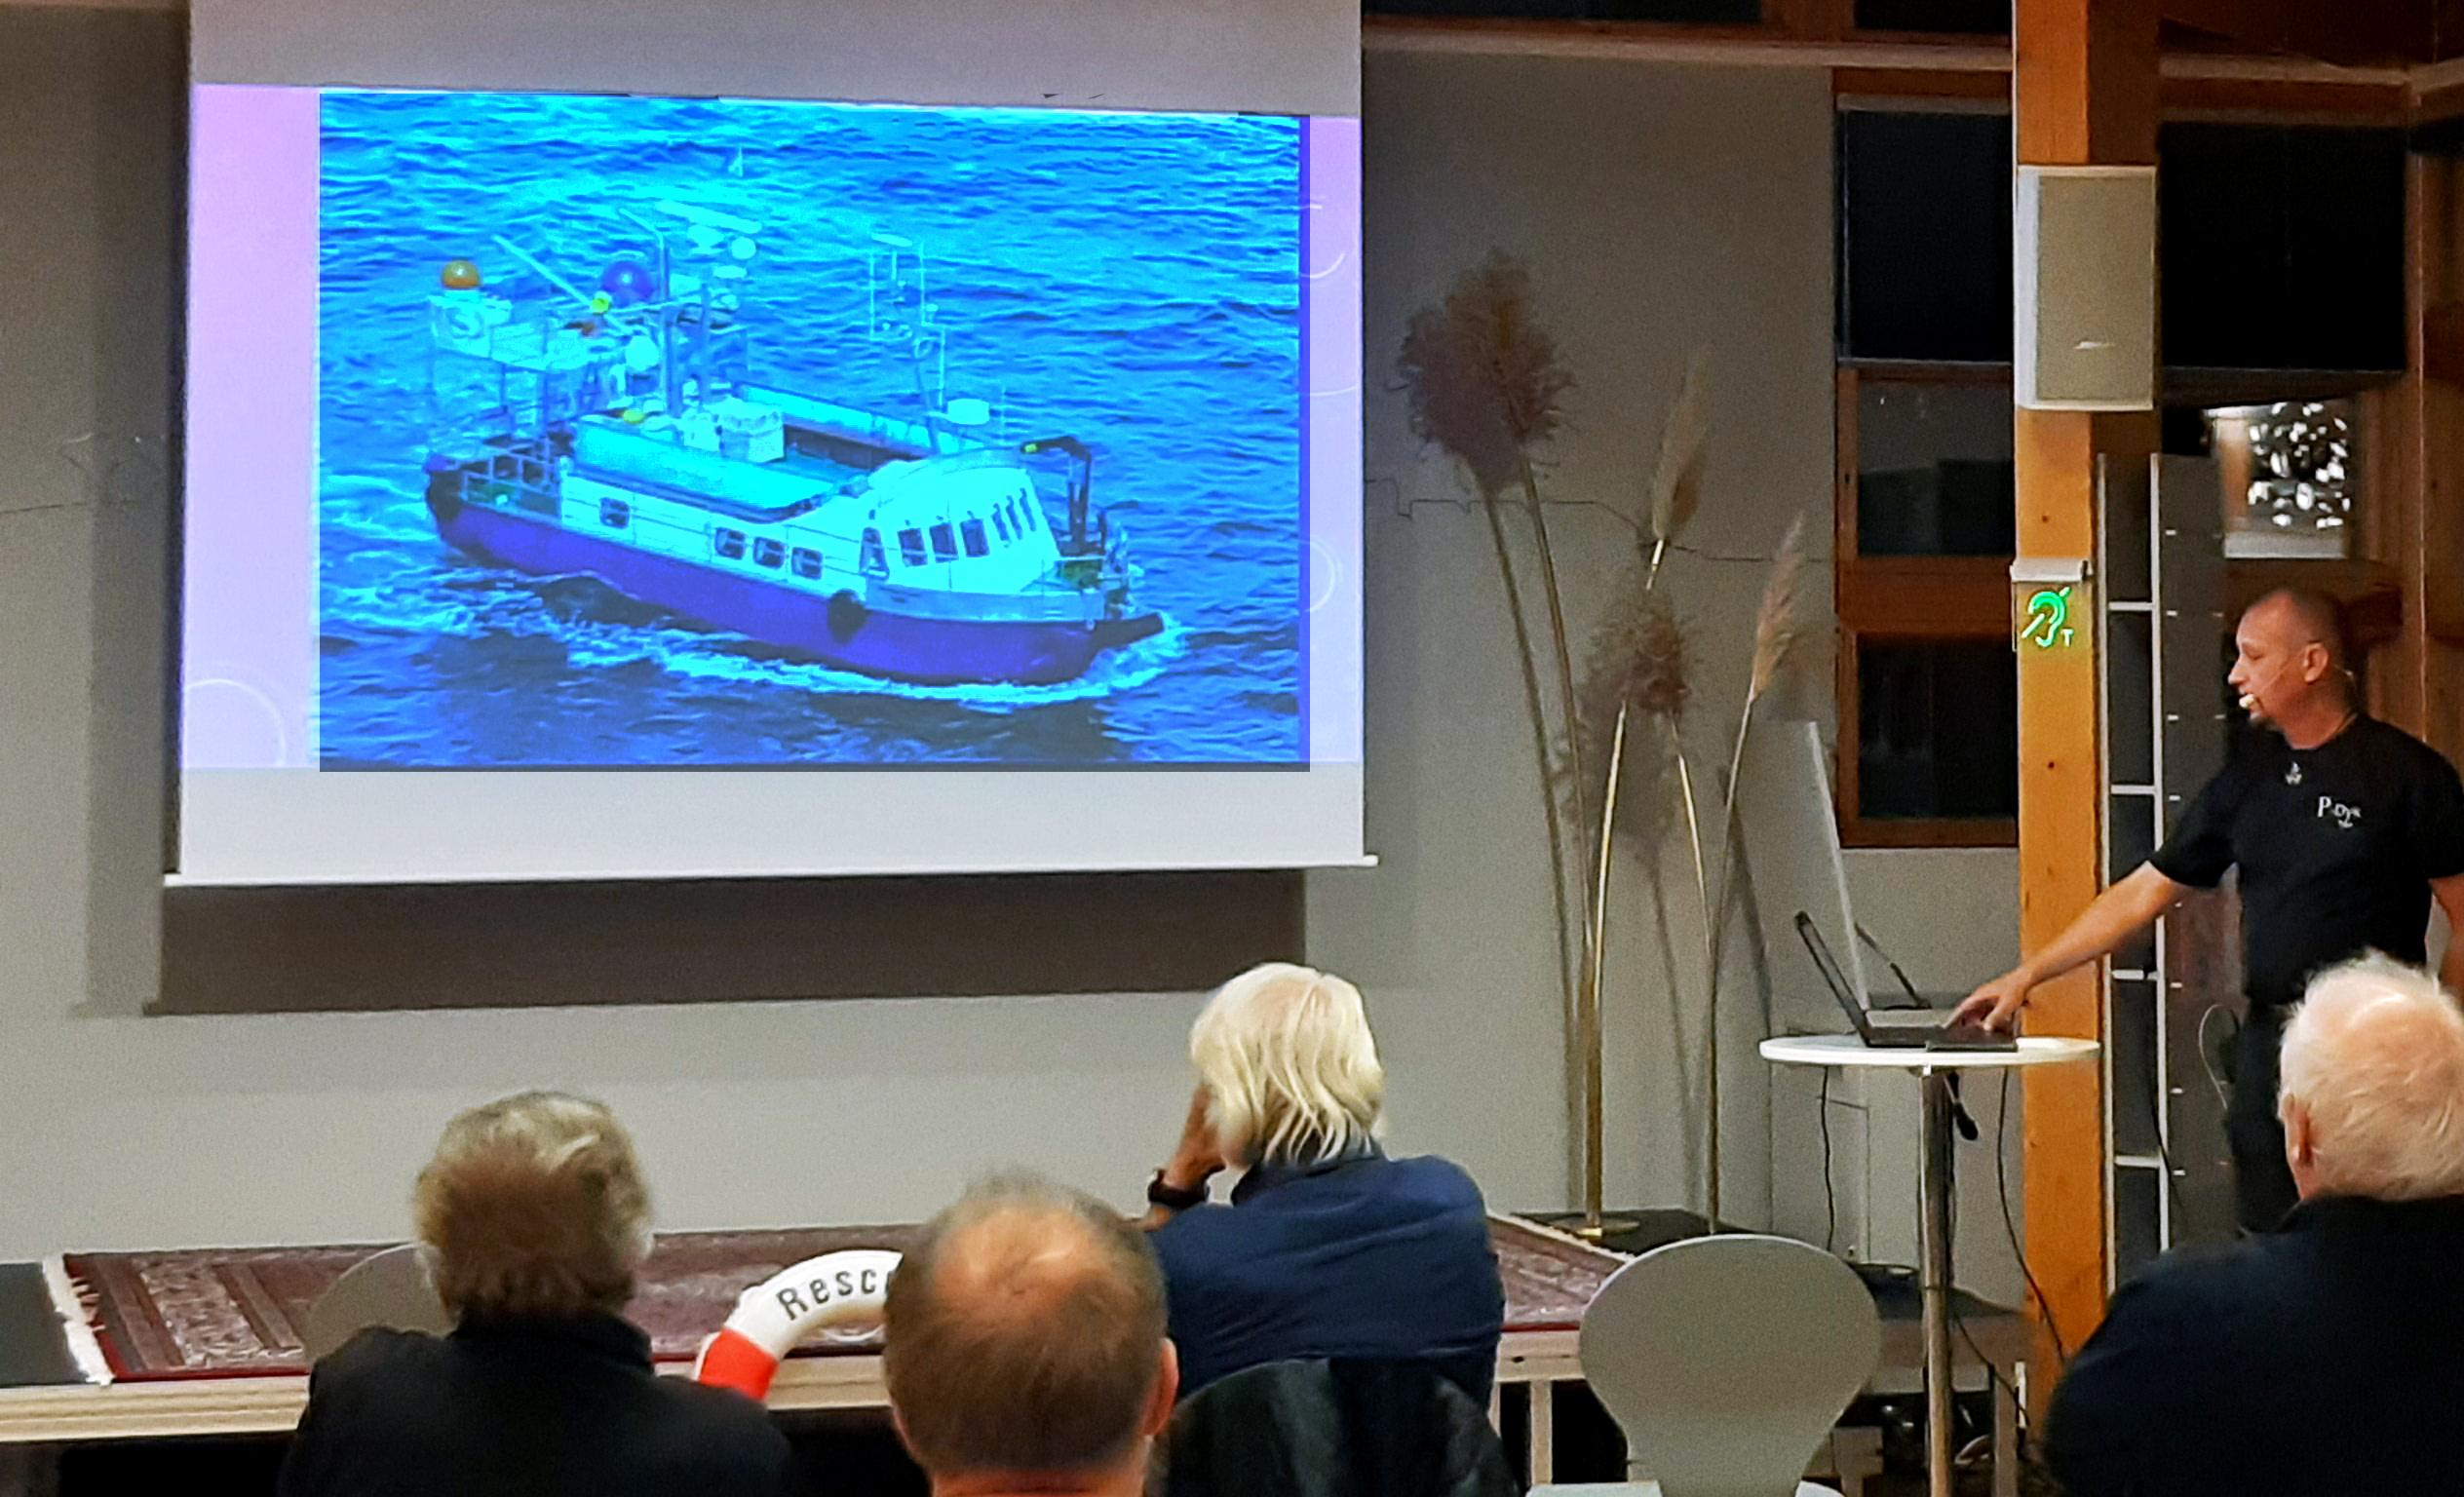 Bild när Patrik föreläser och visar en PPT med bild på en båt